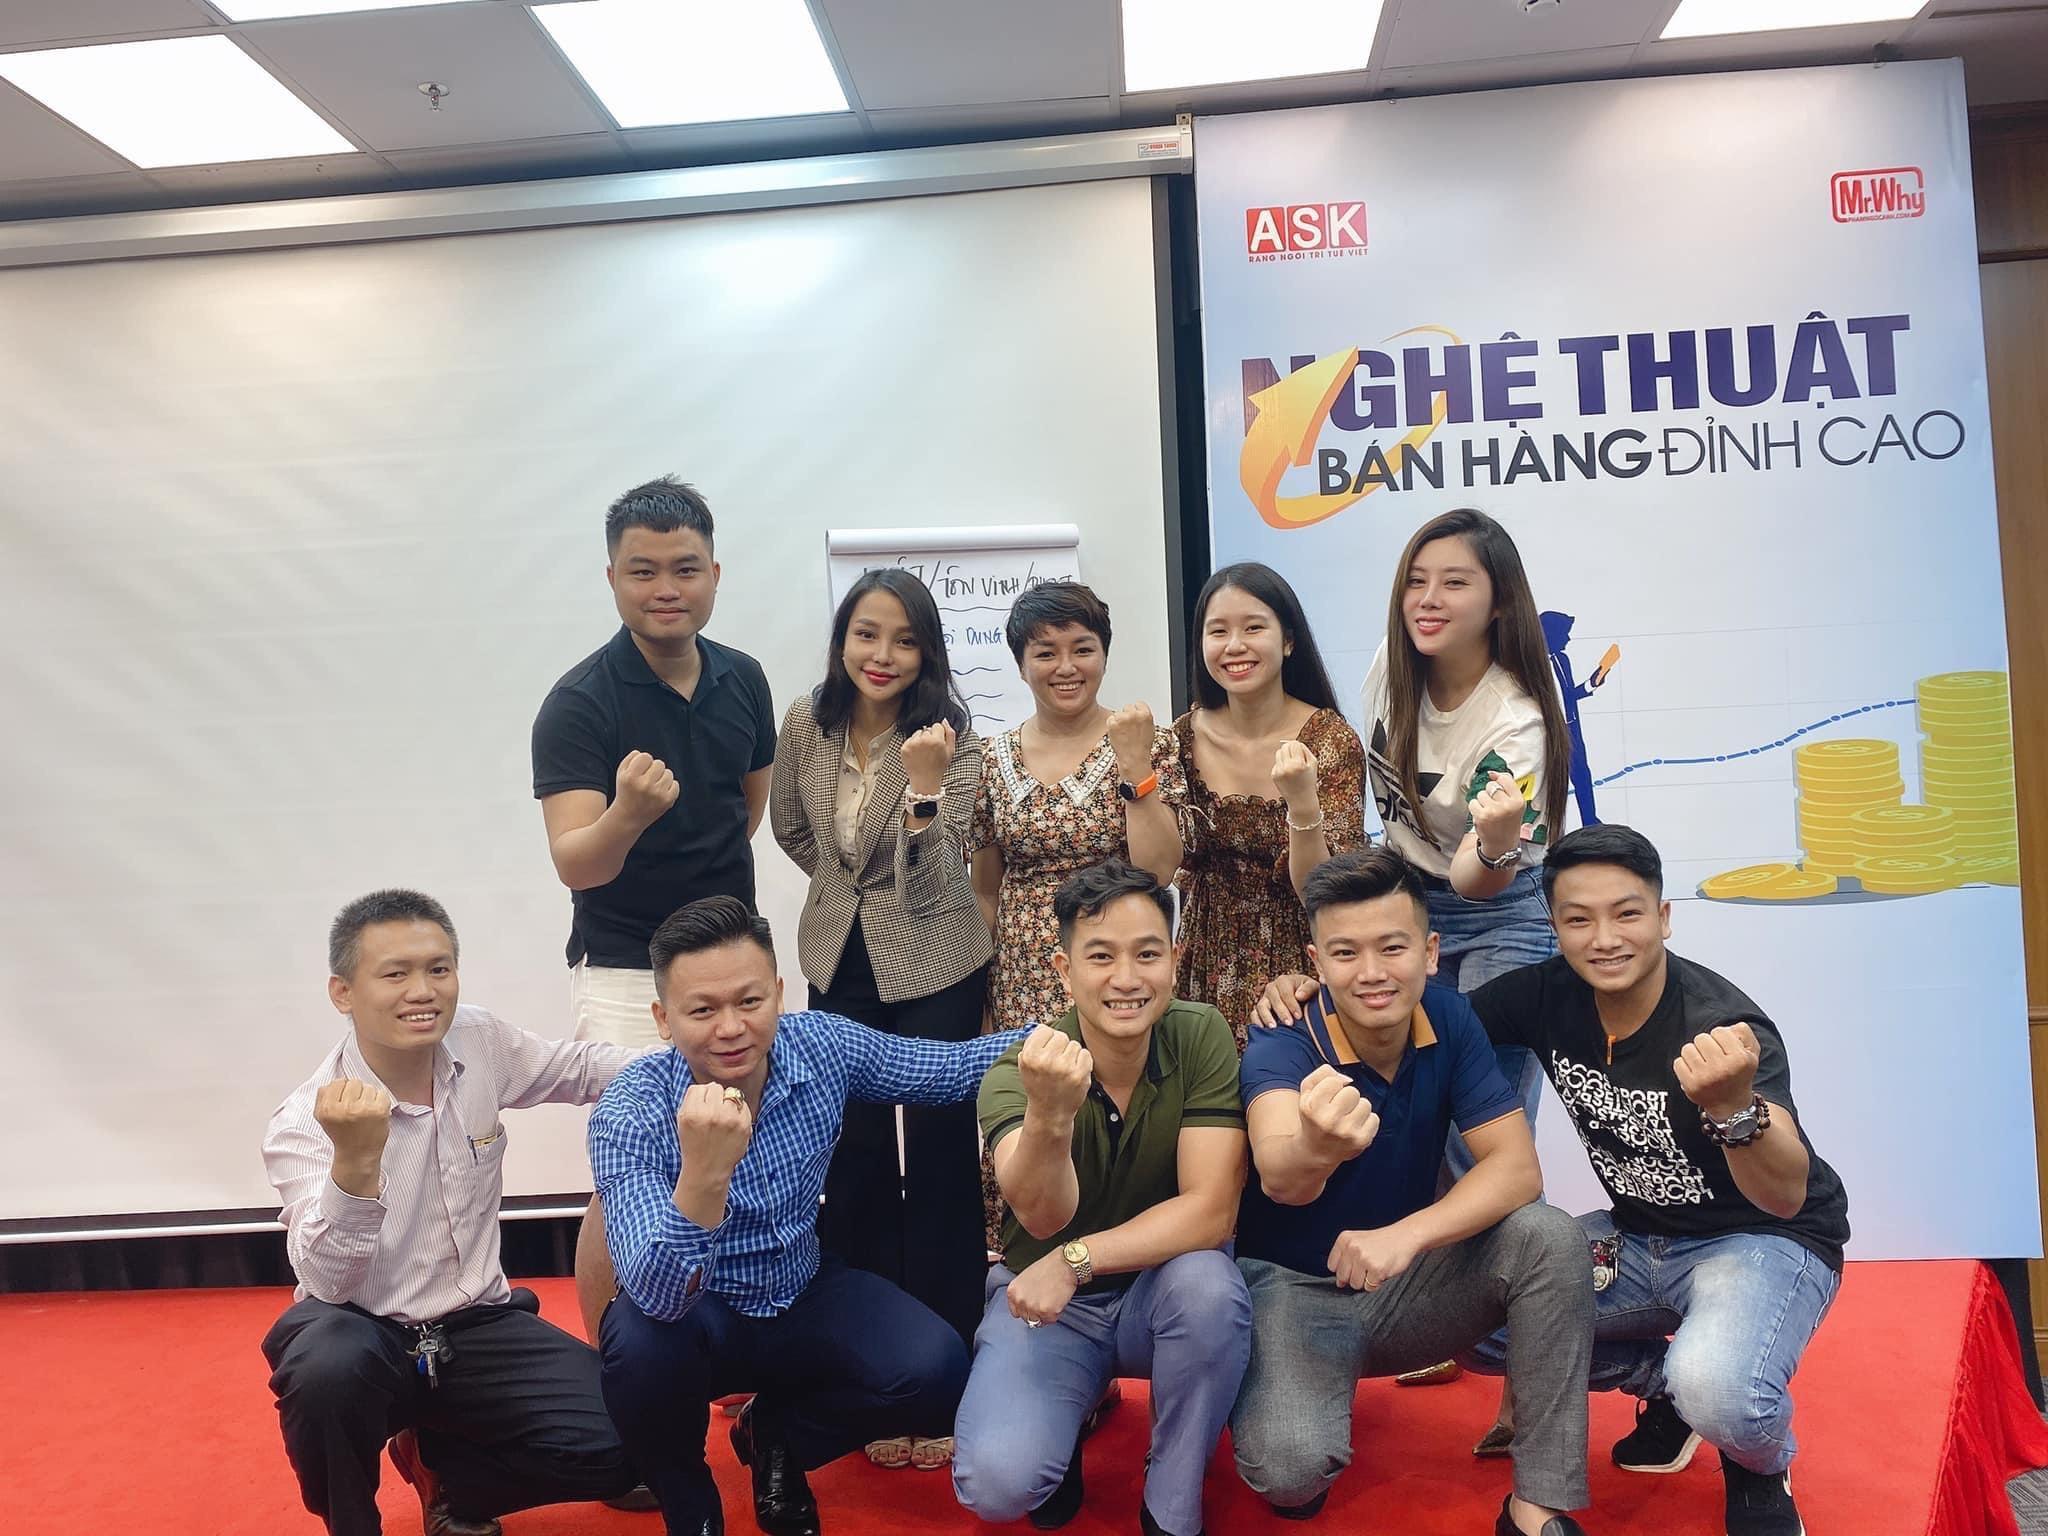 Startup 8x Nguyễn Hoàng Đạt (ngồi chính giữa) vượt hàng trăm cây số để tham gia Khóa tập huấn về nghệ thuật bán hàng đỉnh cao của Công ty cổ phần đào tạo ASK (TP. HCM).